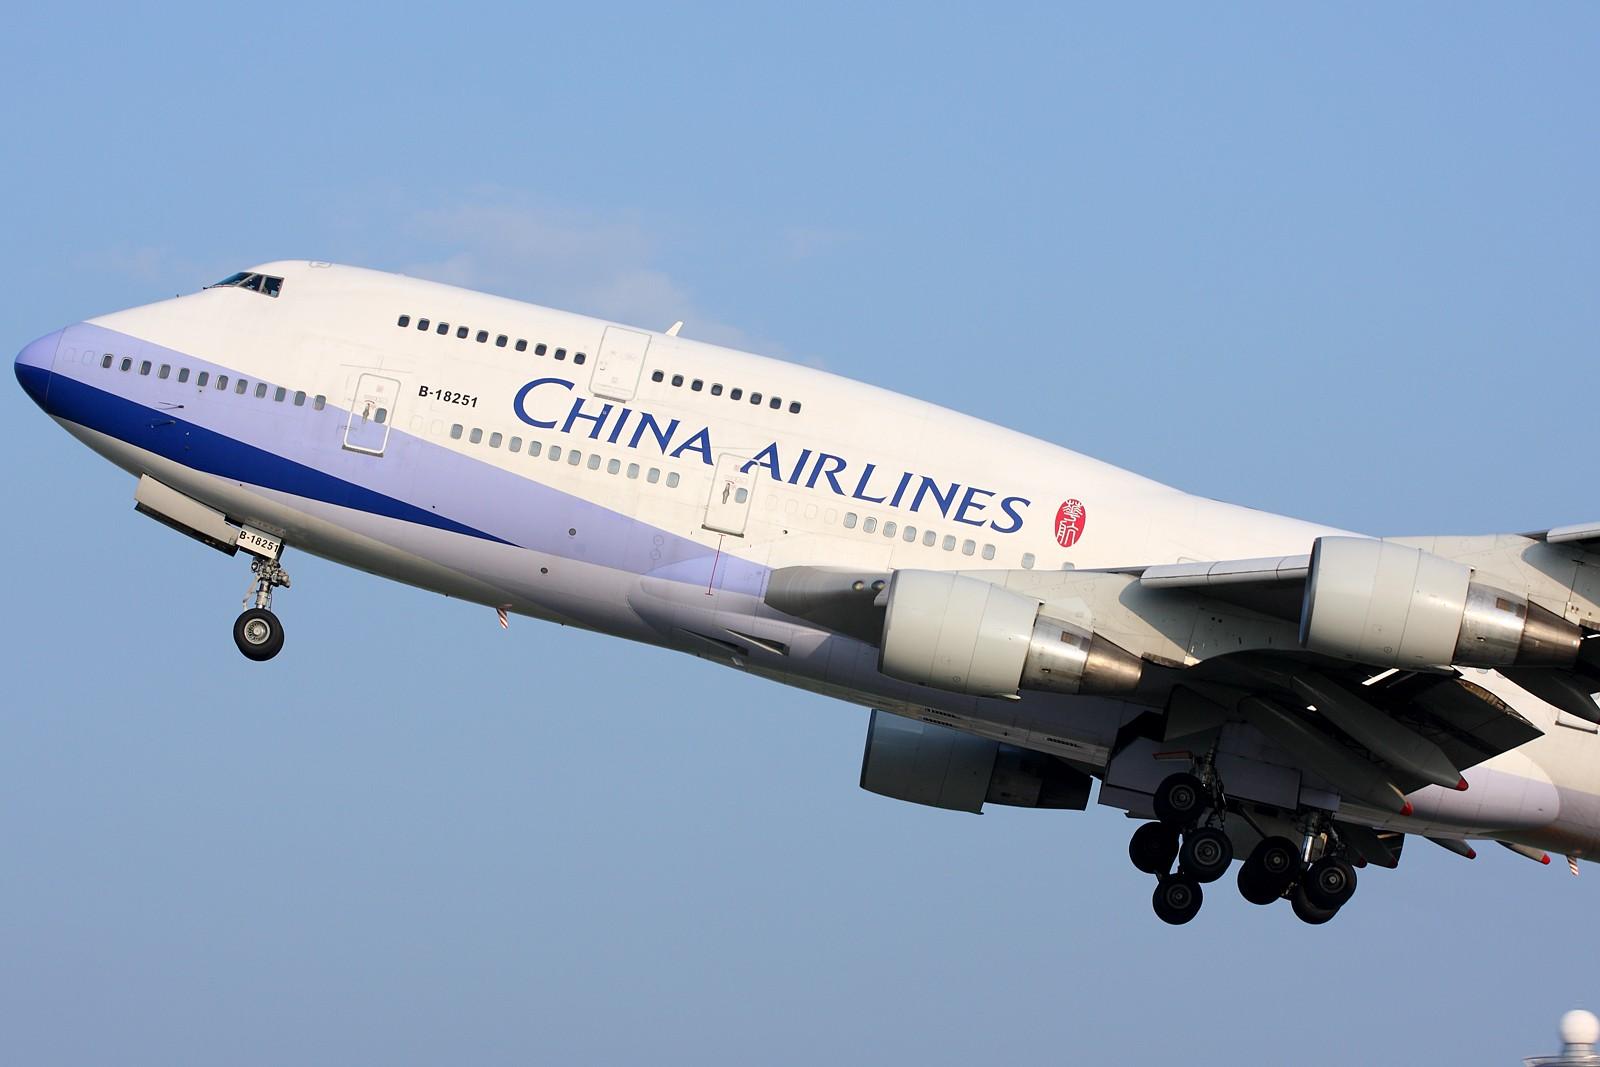 Re:[原创]【深圳飞友会】5张空中大头特写,再加4张是第一场尝试拍摄(引擎与轮组的大特写)继续1600×1067大图呈上望带来视觉冲击效果。 BOEING 747-400 B-18251 中国广州白云机场